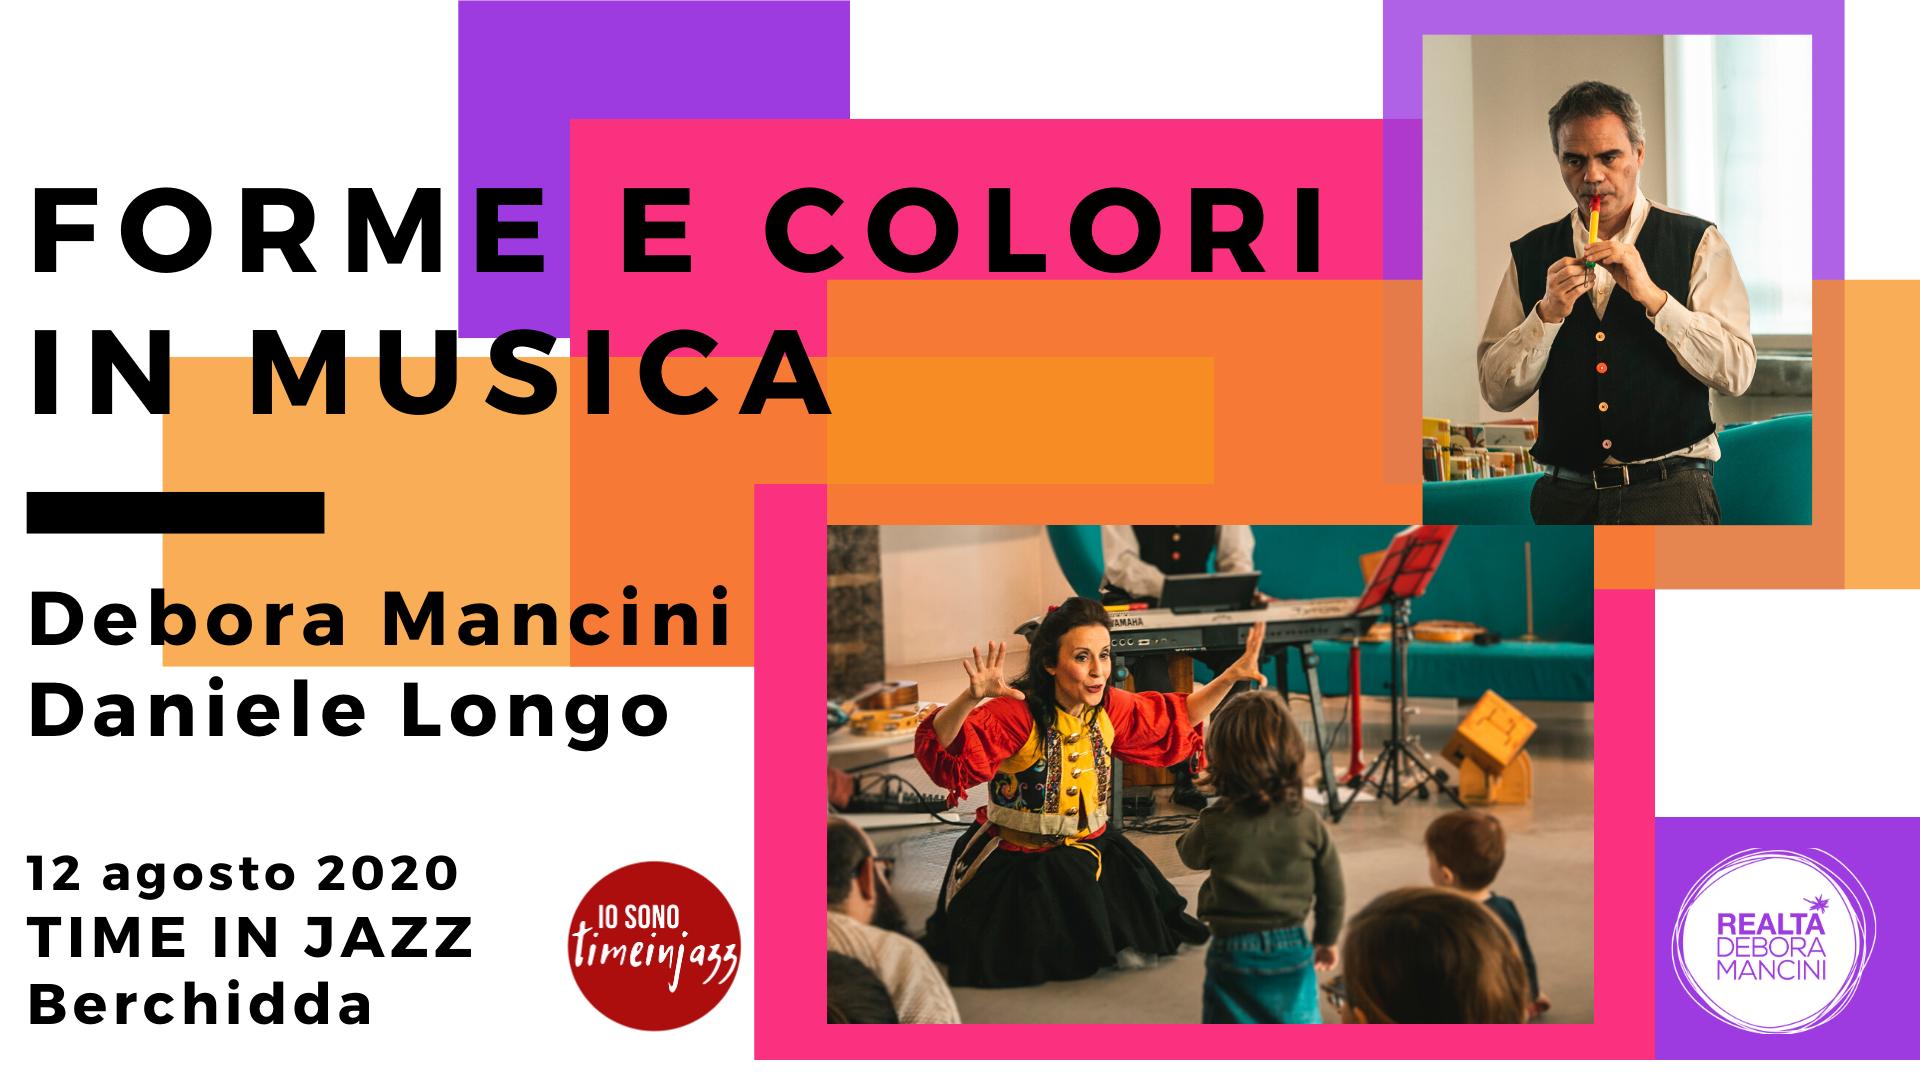 Forme e colori in musica @Time in Jazz 2020